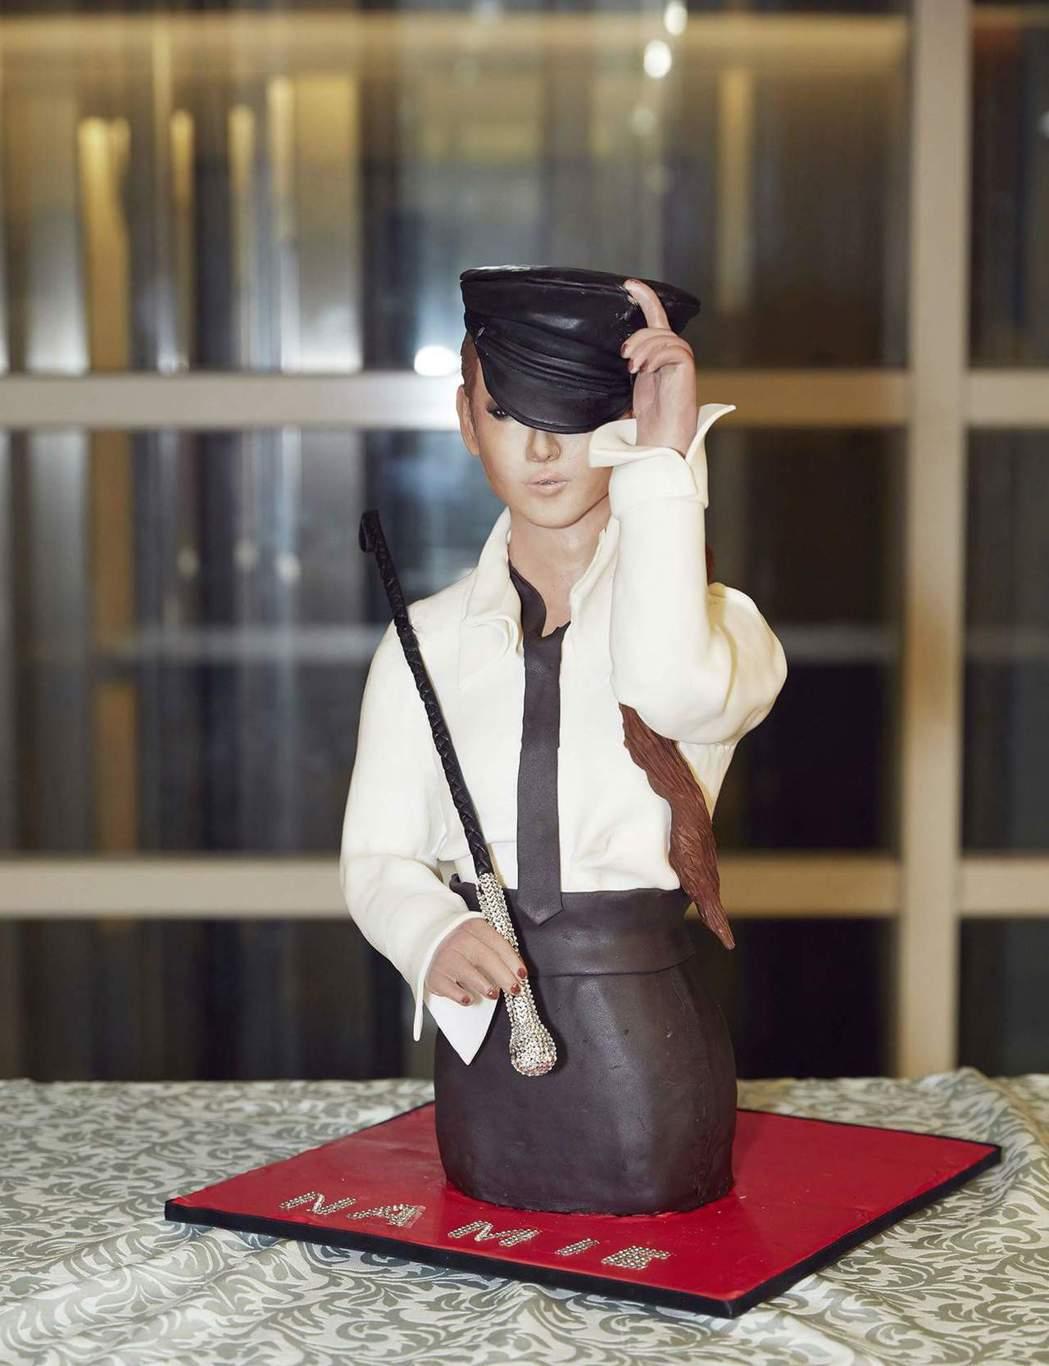 蔡依林製作的安室翻糖蛋糕。圖/摘自臉書